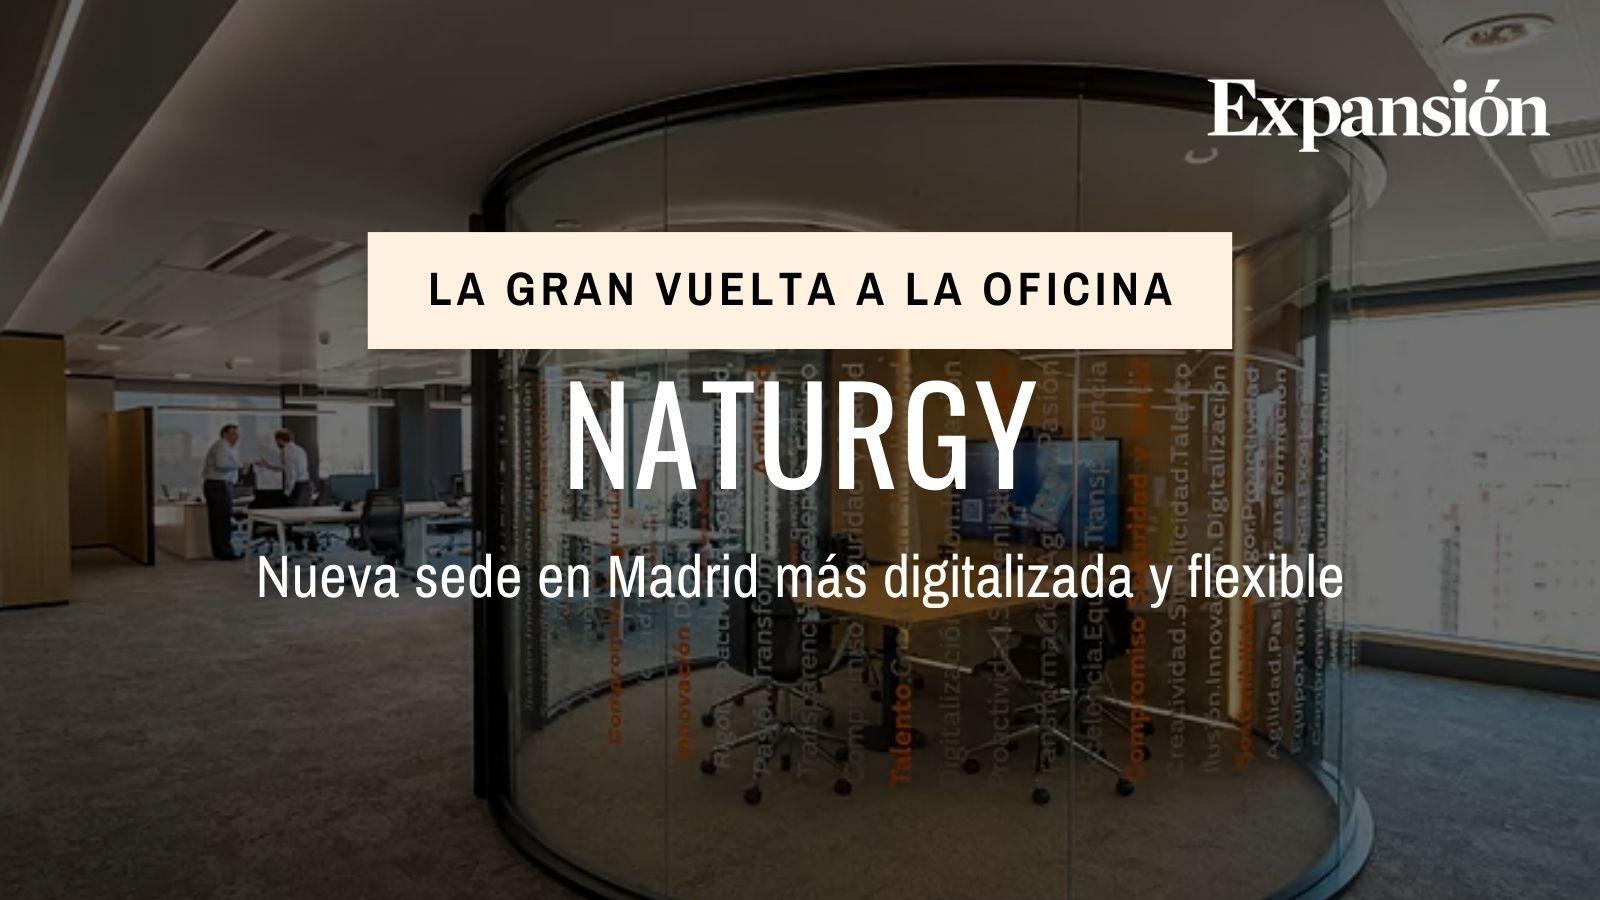 Naturgy estrena nueva sede en Madrid más digitalizada y flexible